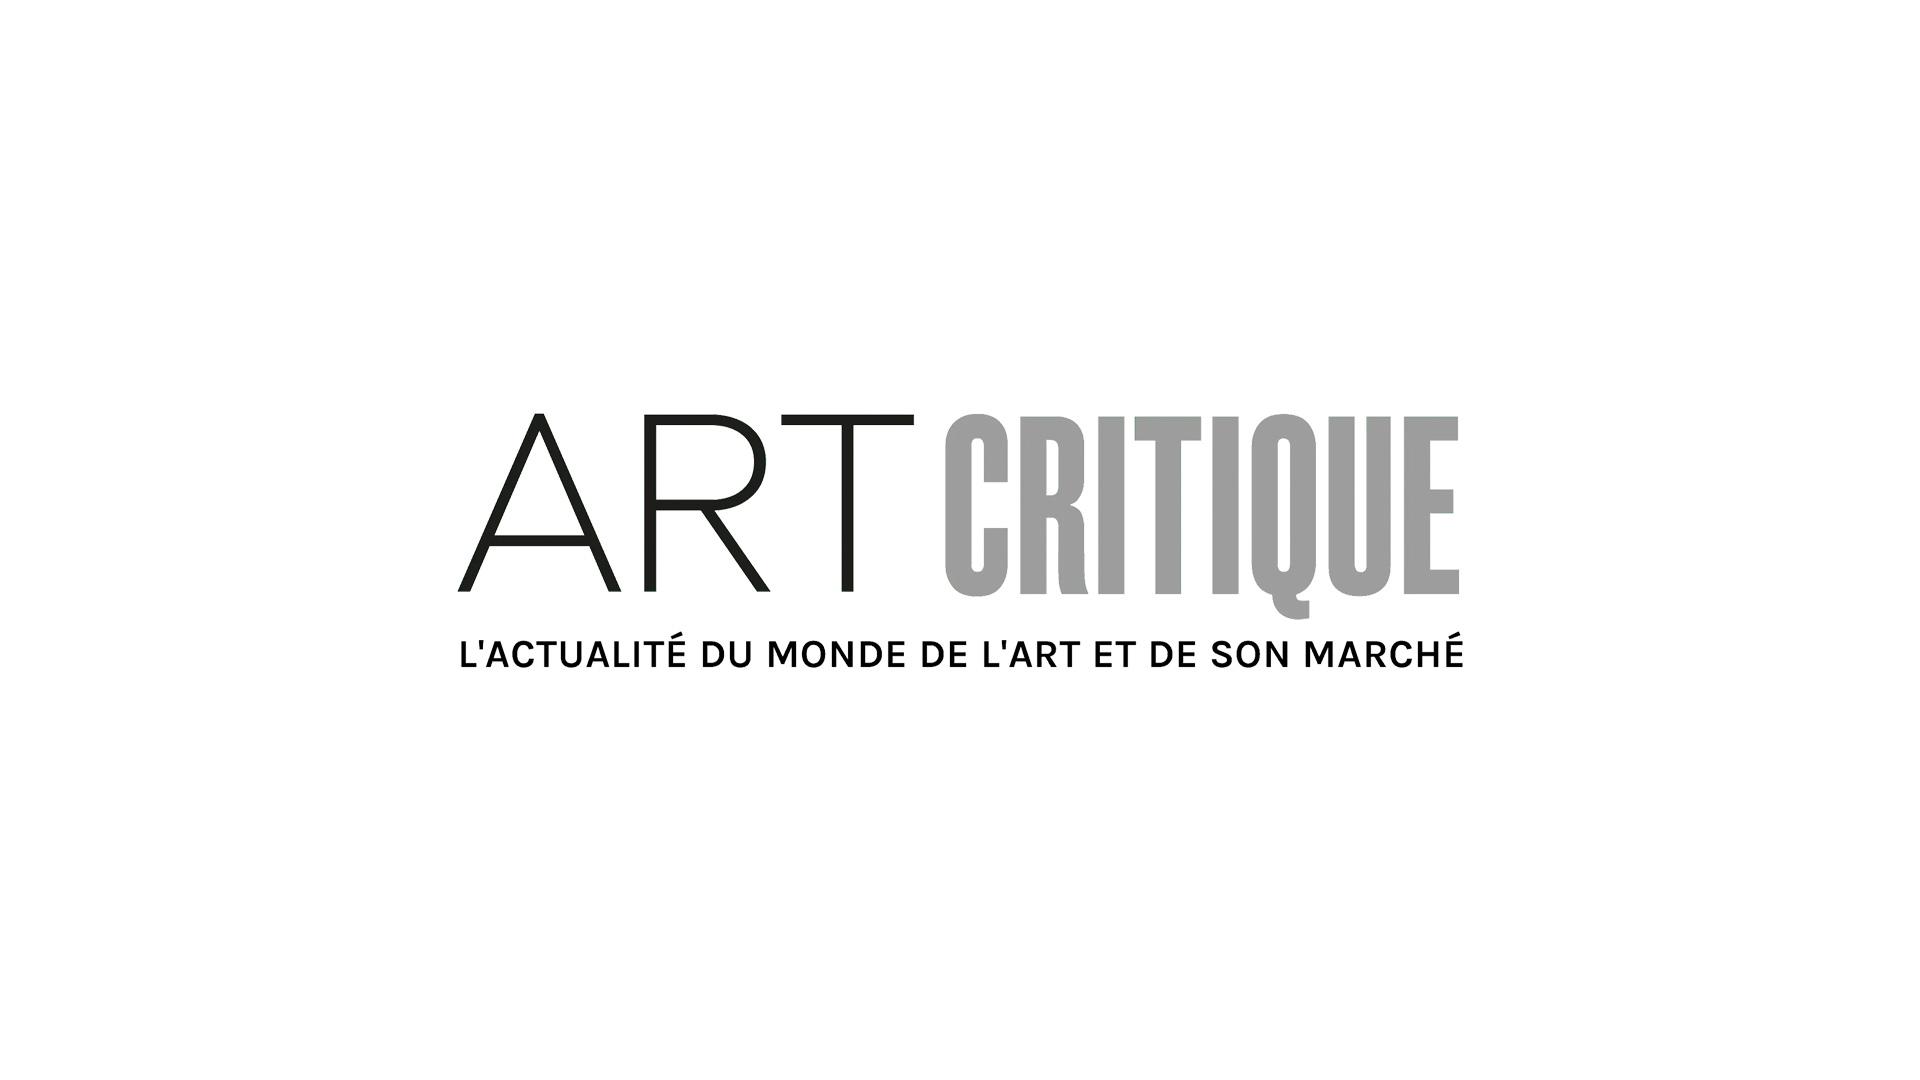 La ville de Grenoble lance un festival culturel et numérique